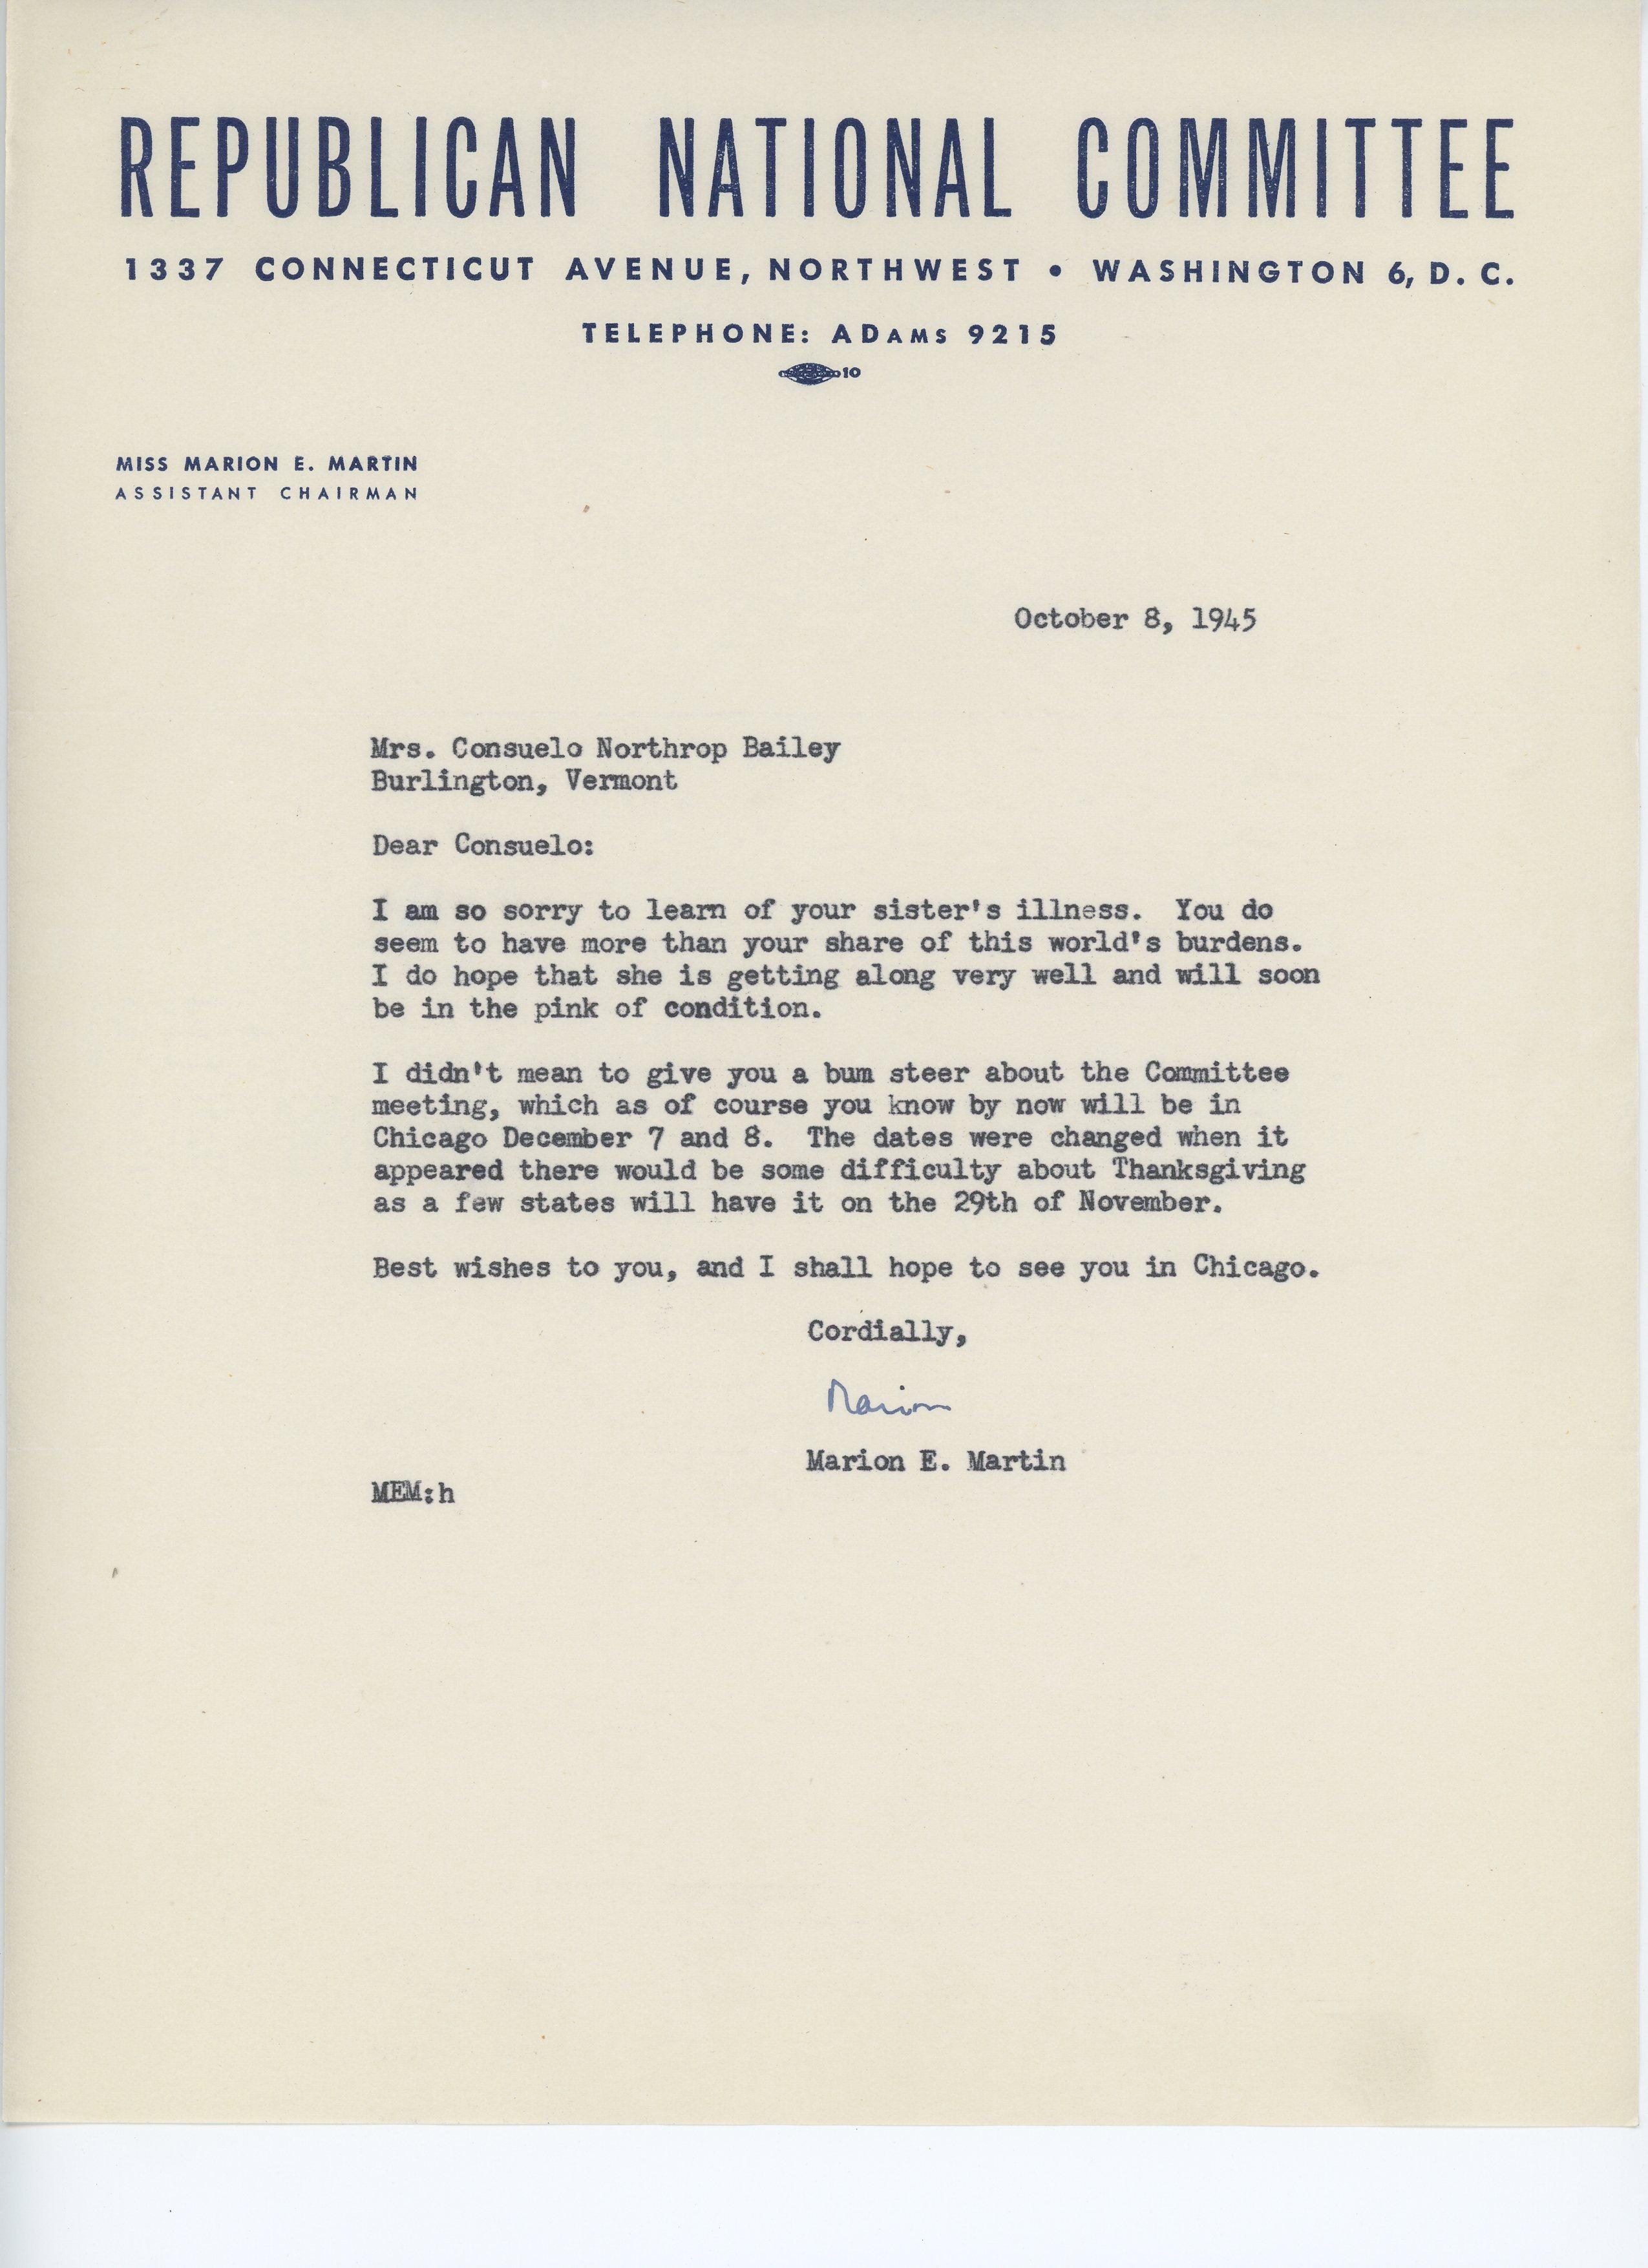 Marion E. Martin to Consuelo N. Bailey 1945 October 8